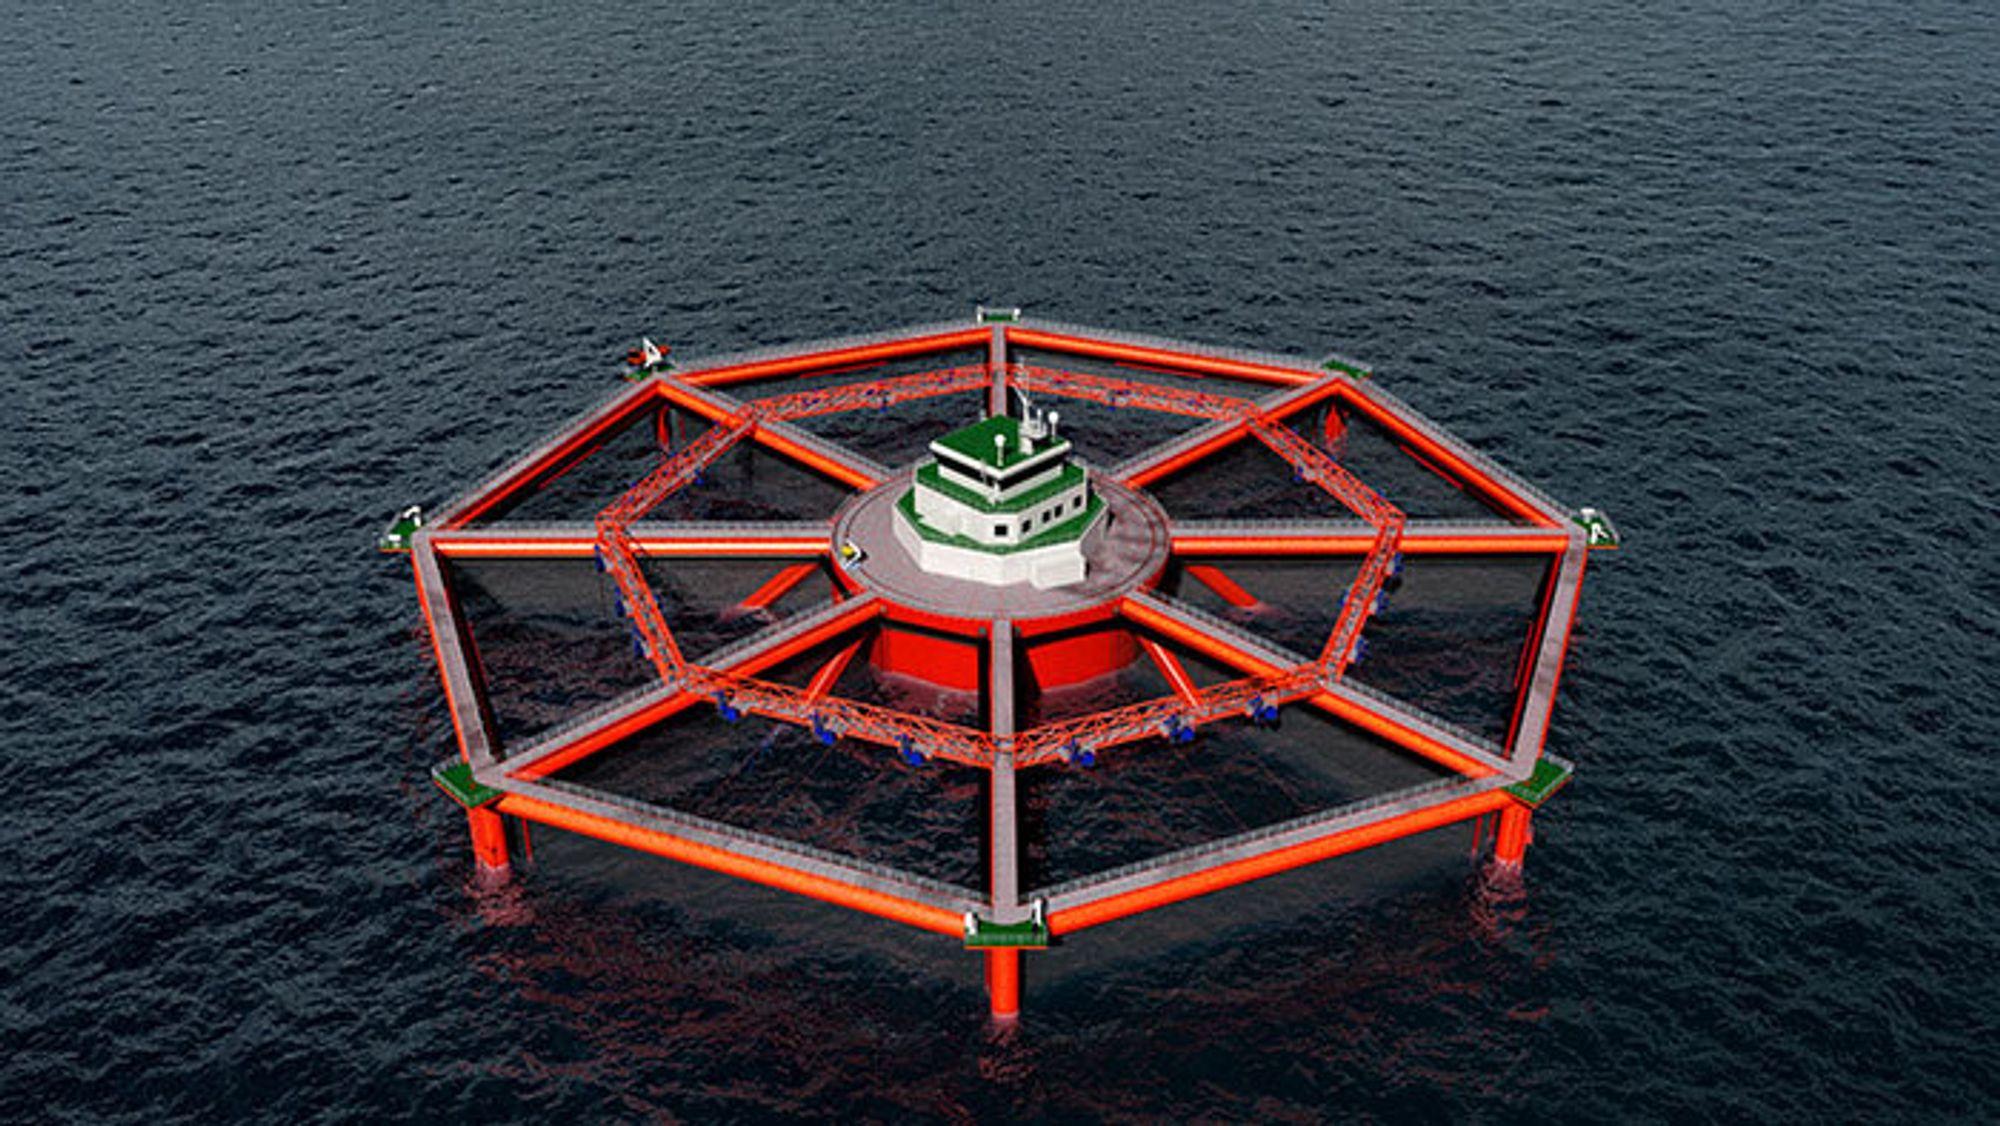 En ny rigg som vil gjøre det mulig med lakseoppdrett på åpent hav, er anslått å koste halvannen milliard. Gjennomføringen er avhengig av at det tildeles løyver verdt over 1,1 milliarder. Illustrasjon.